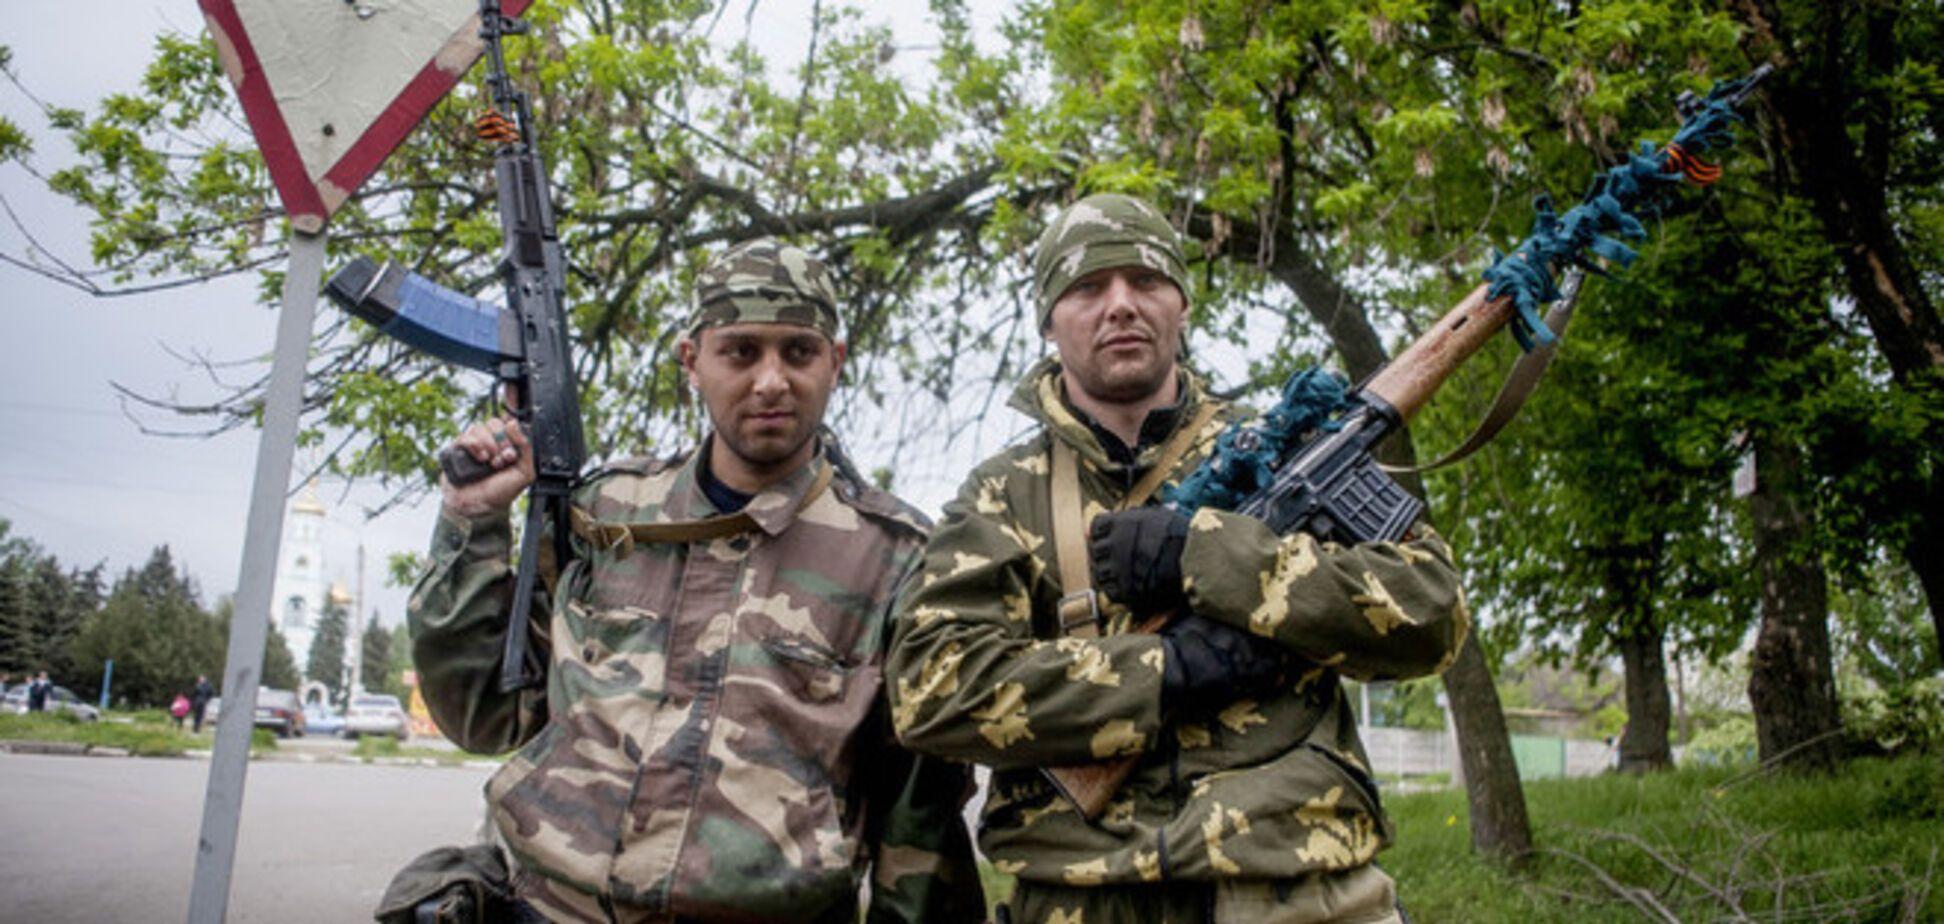 Террористы искали 'Правый сектор' в аэропорту Северодонецка, а похитили десять автомобилей